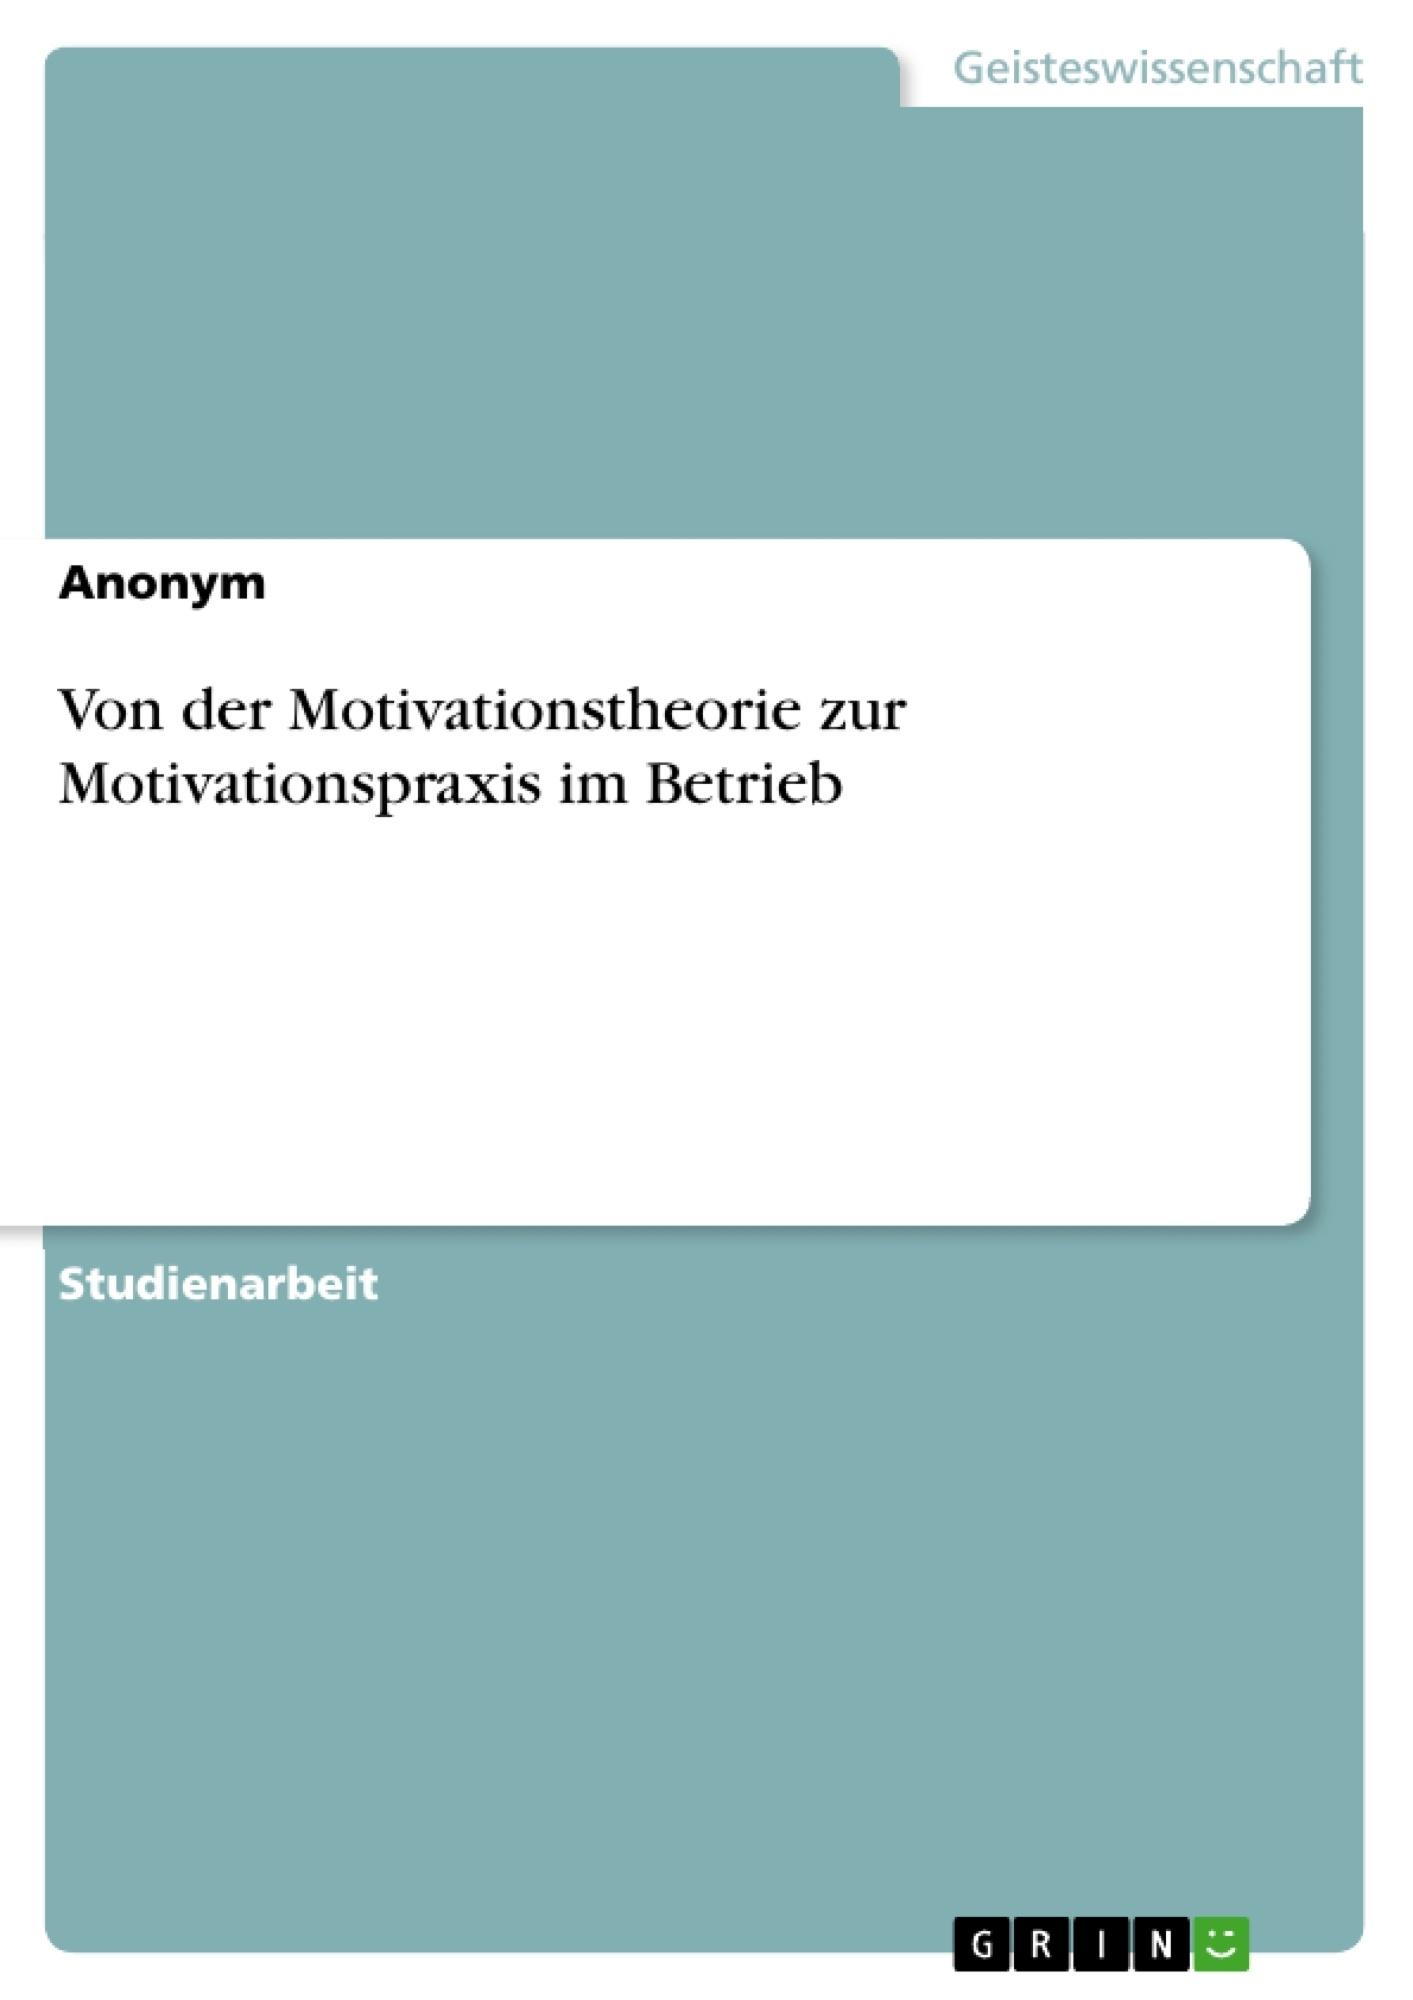 Titre: Von der Motivationstheorie zur Motivationspraxis im Betrieb